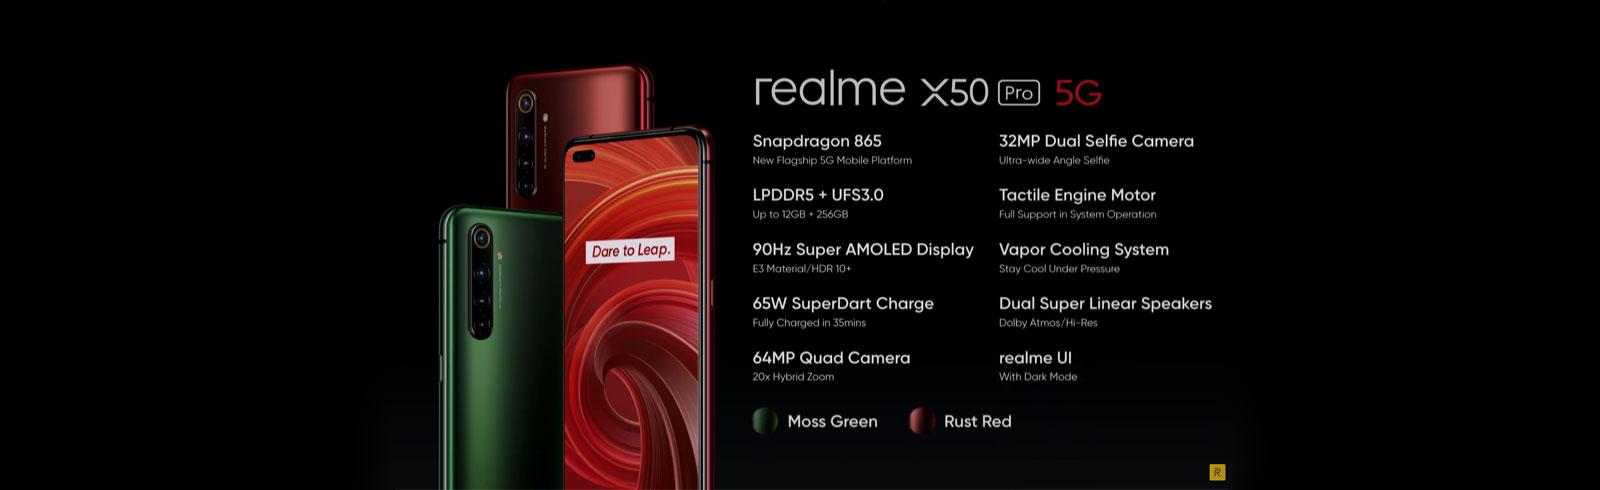 Realme X50 Pro 5G je oficiálny, ceny začínajú na 529 USD